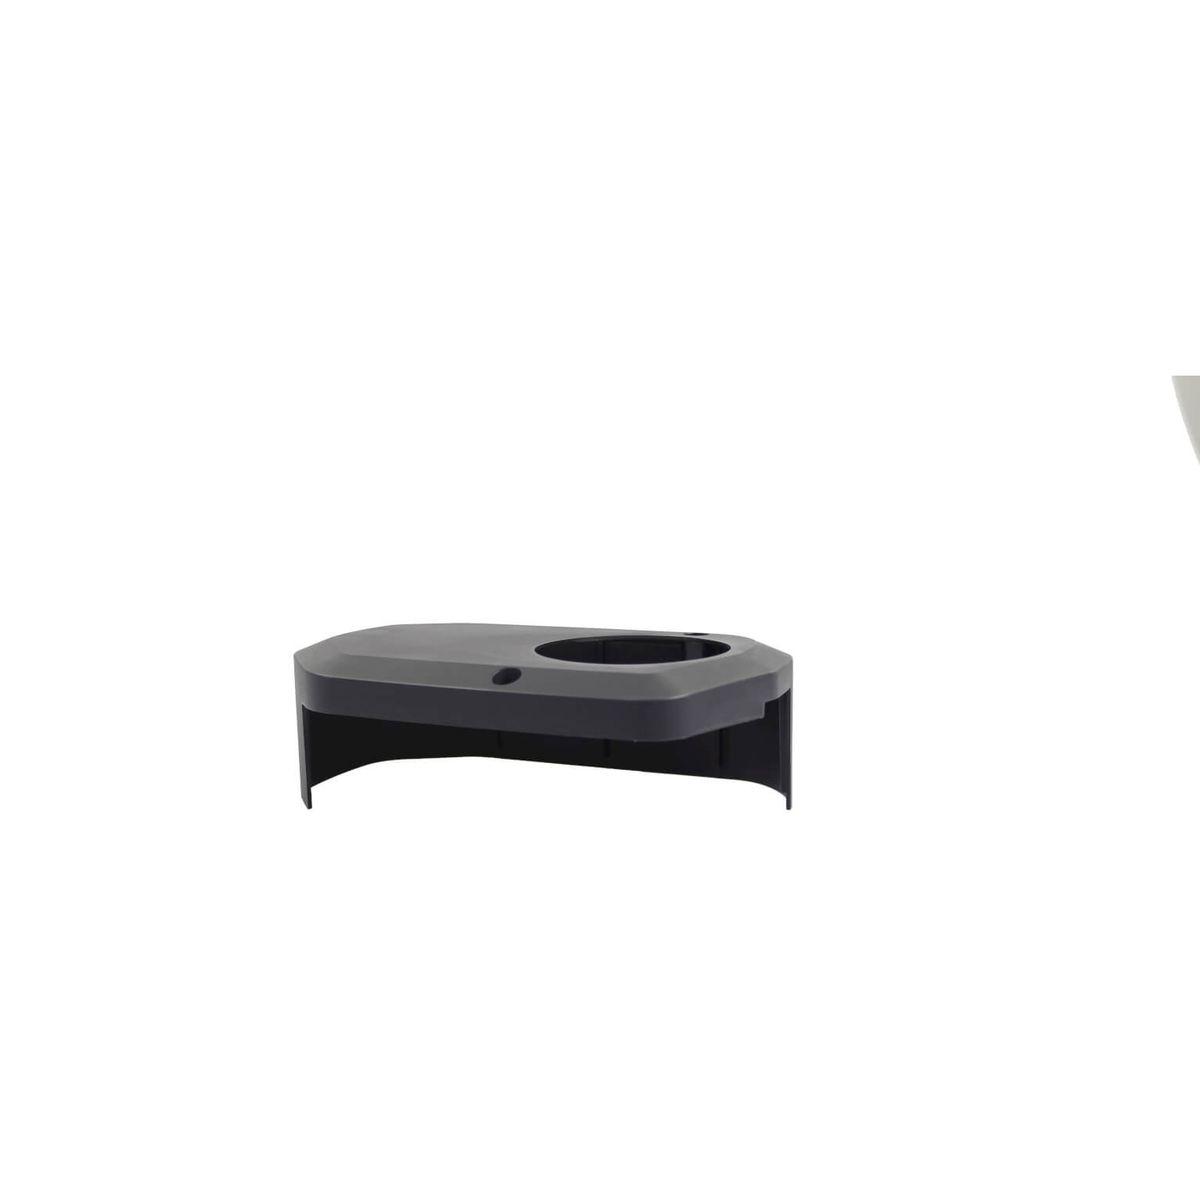 Afdek Plaat STEPS Driveunit DU-E6001 0 Graden Zwa